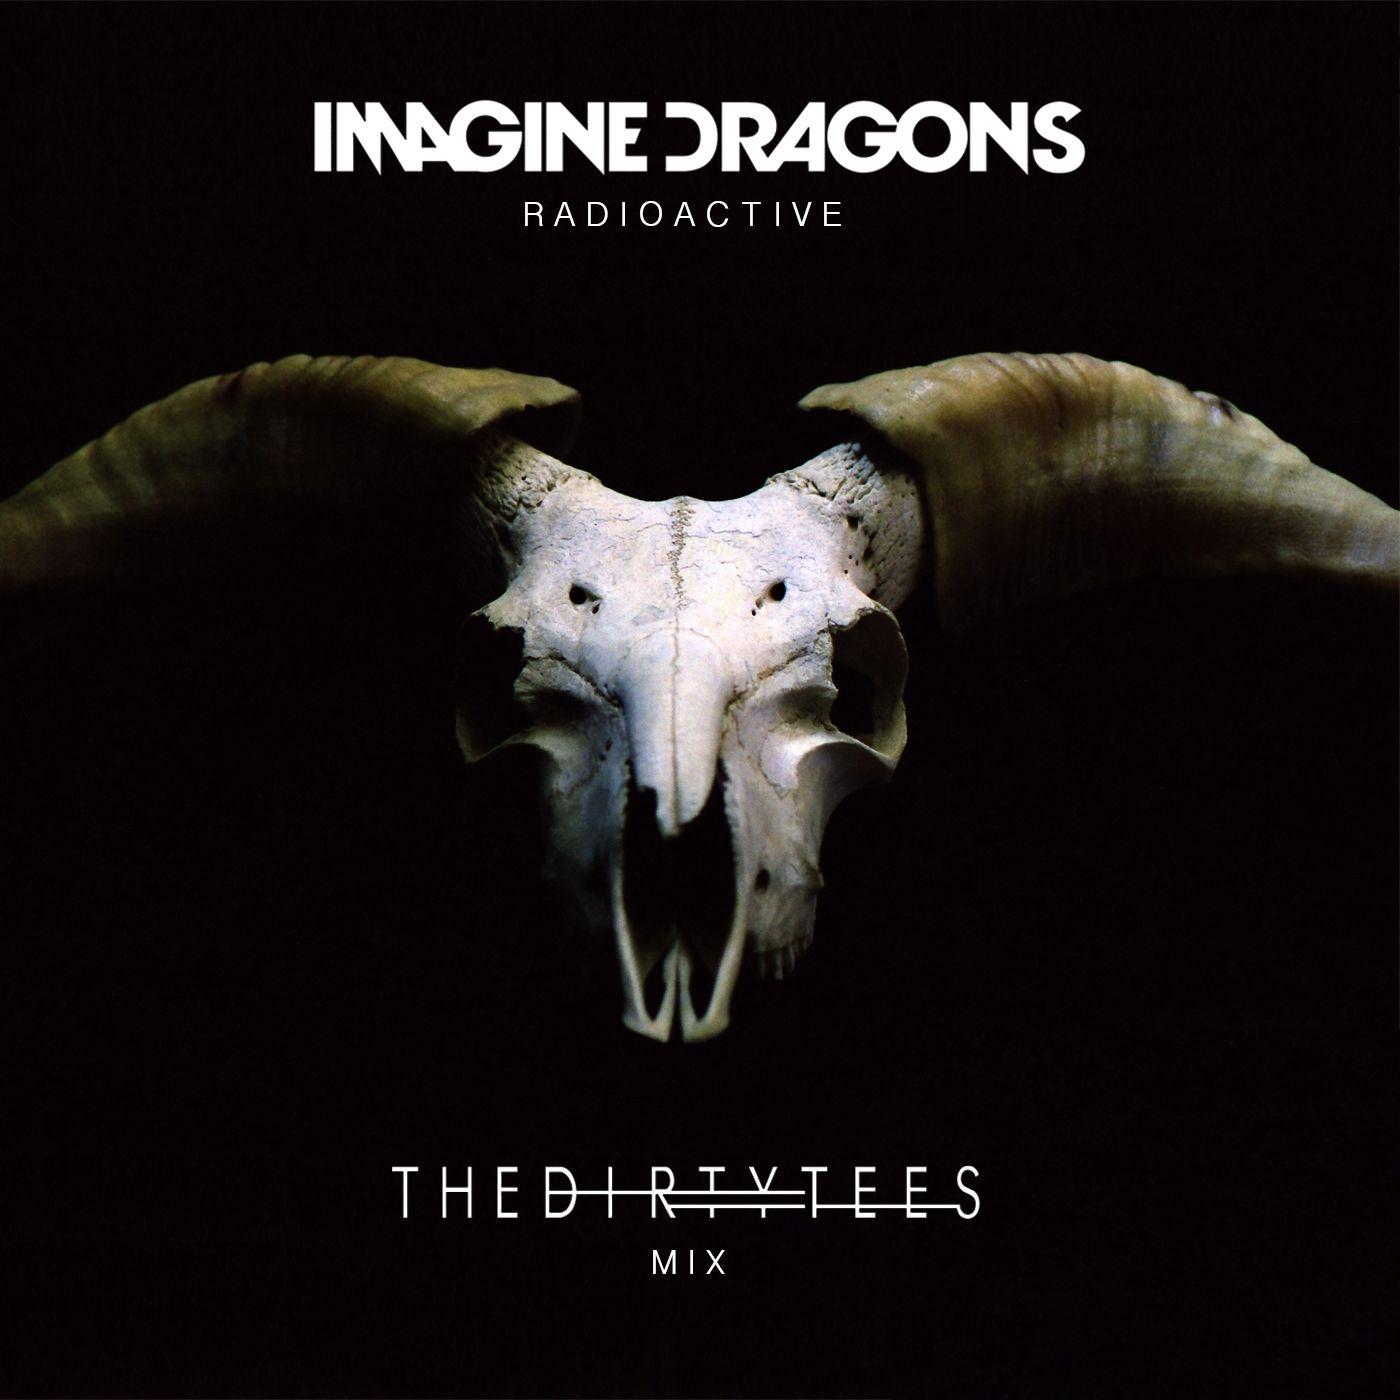 Imagine Dragons | 11 álbuns de la Discografía en el Letras.com